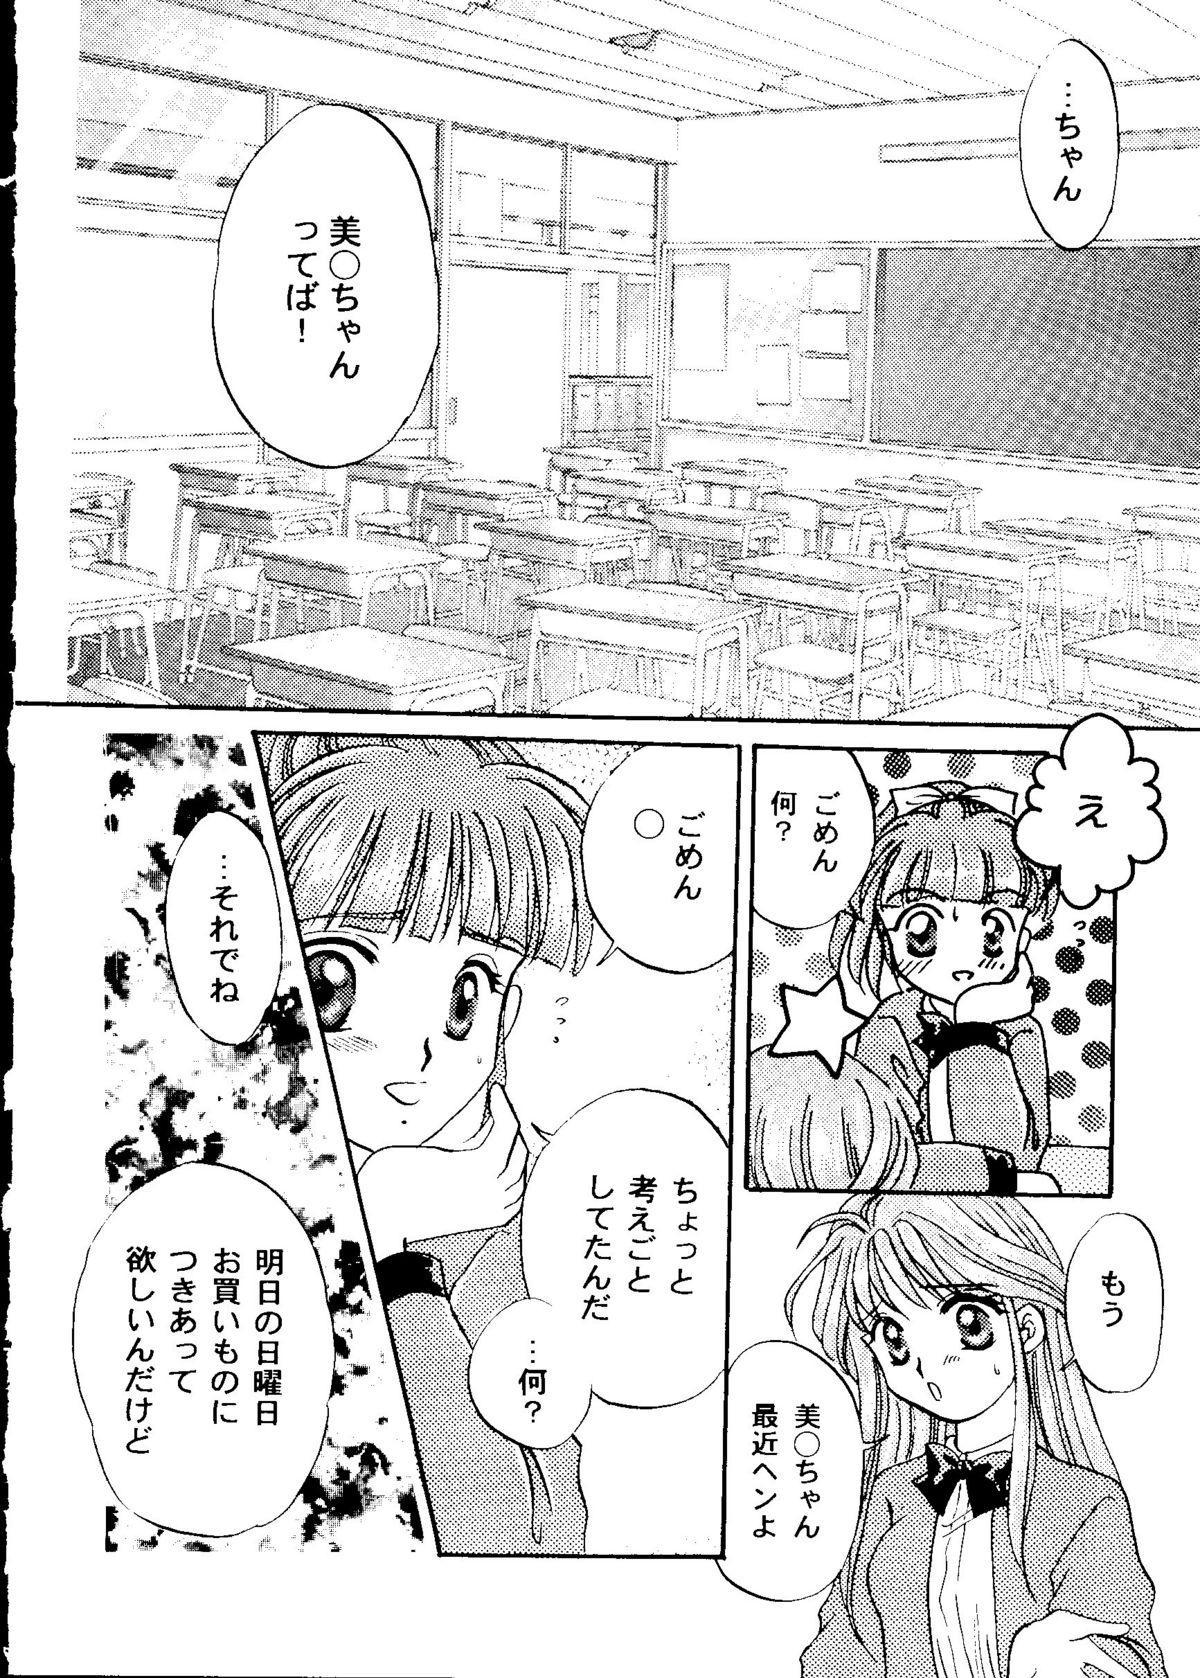 Bishoujo Doujinshi Anthology Cute 2 63